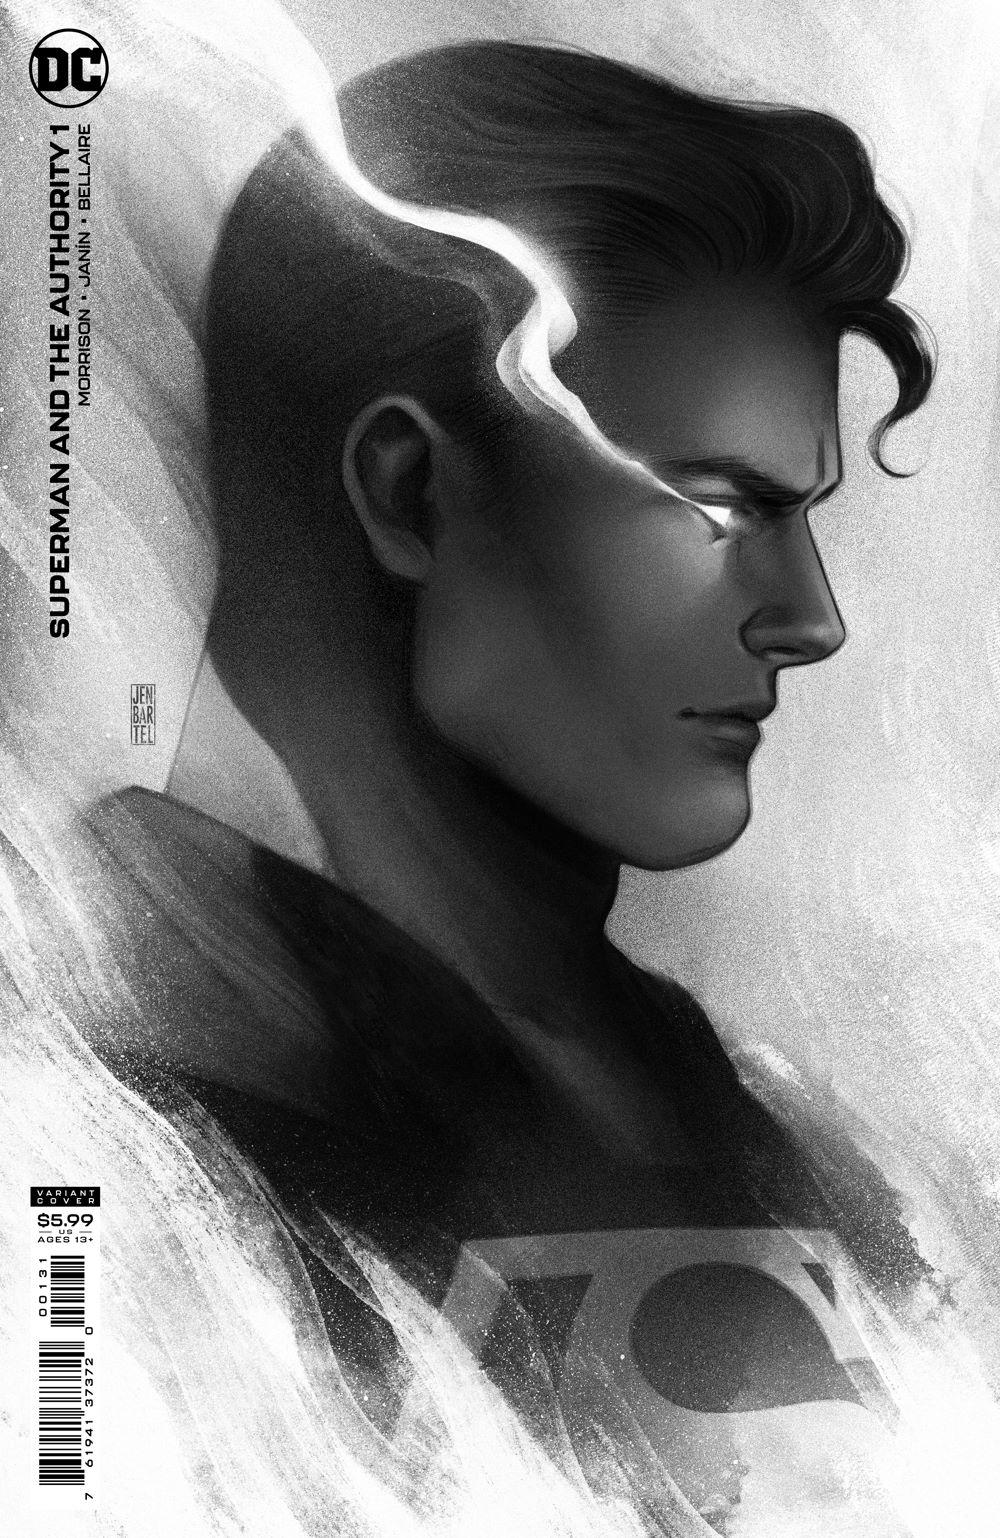 SMATA_Cv1_1in25_var DC Comics July 2021 Solicitations